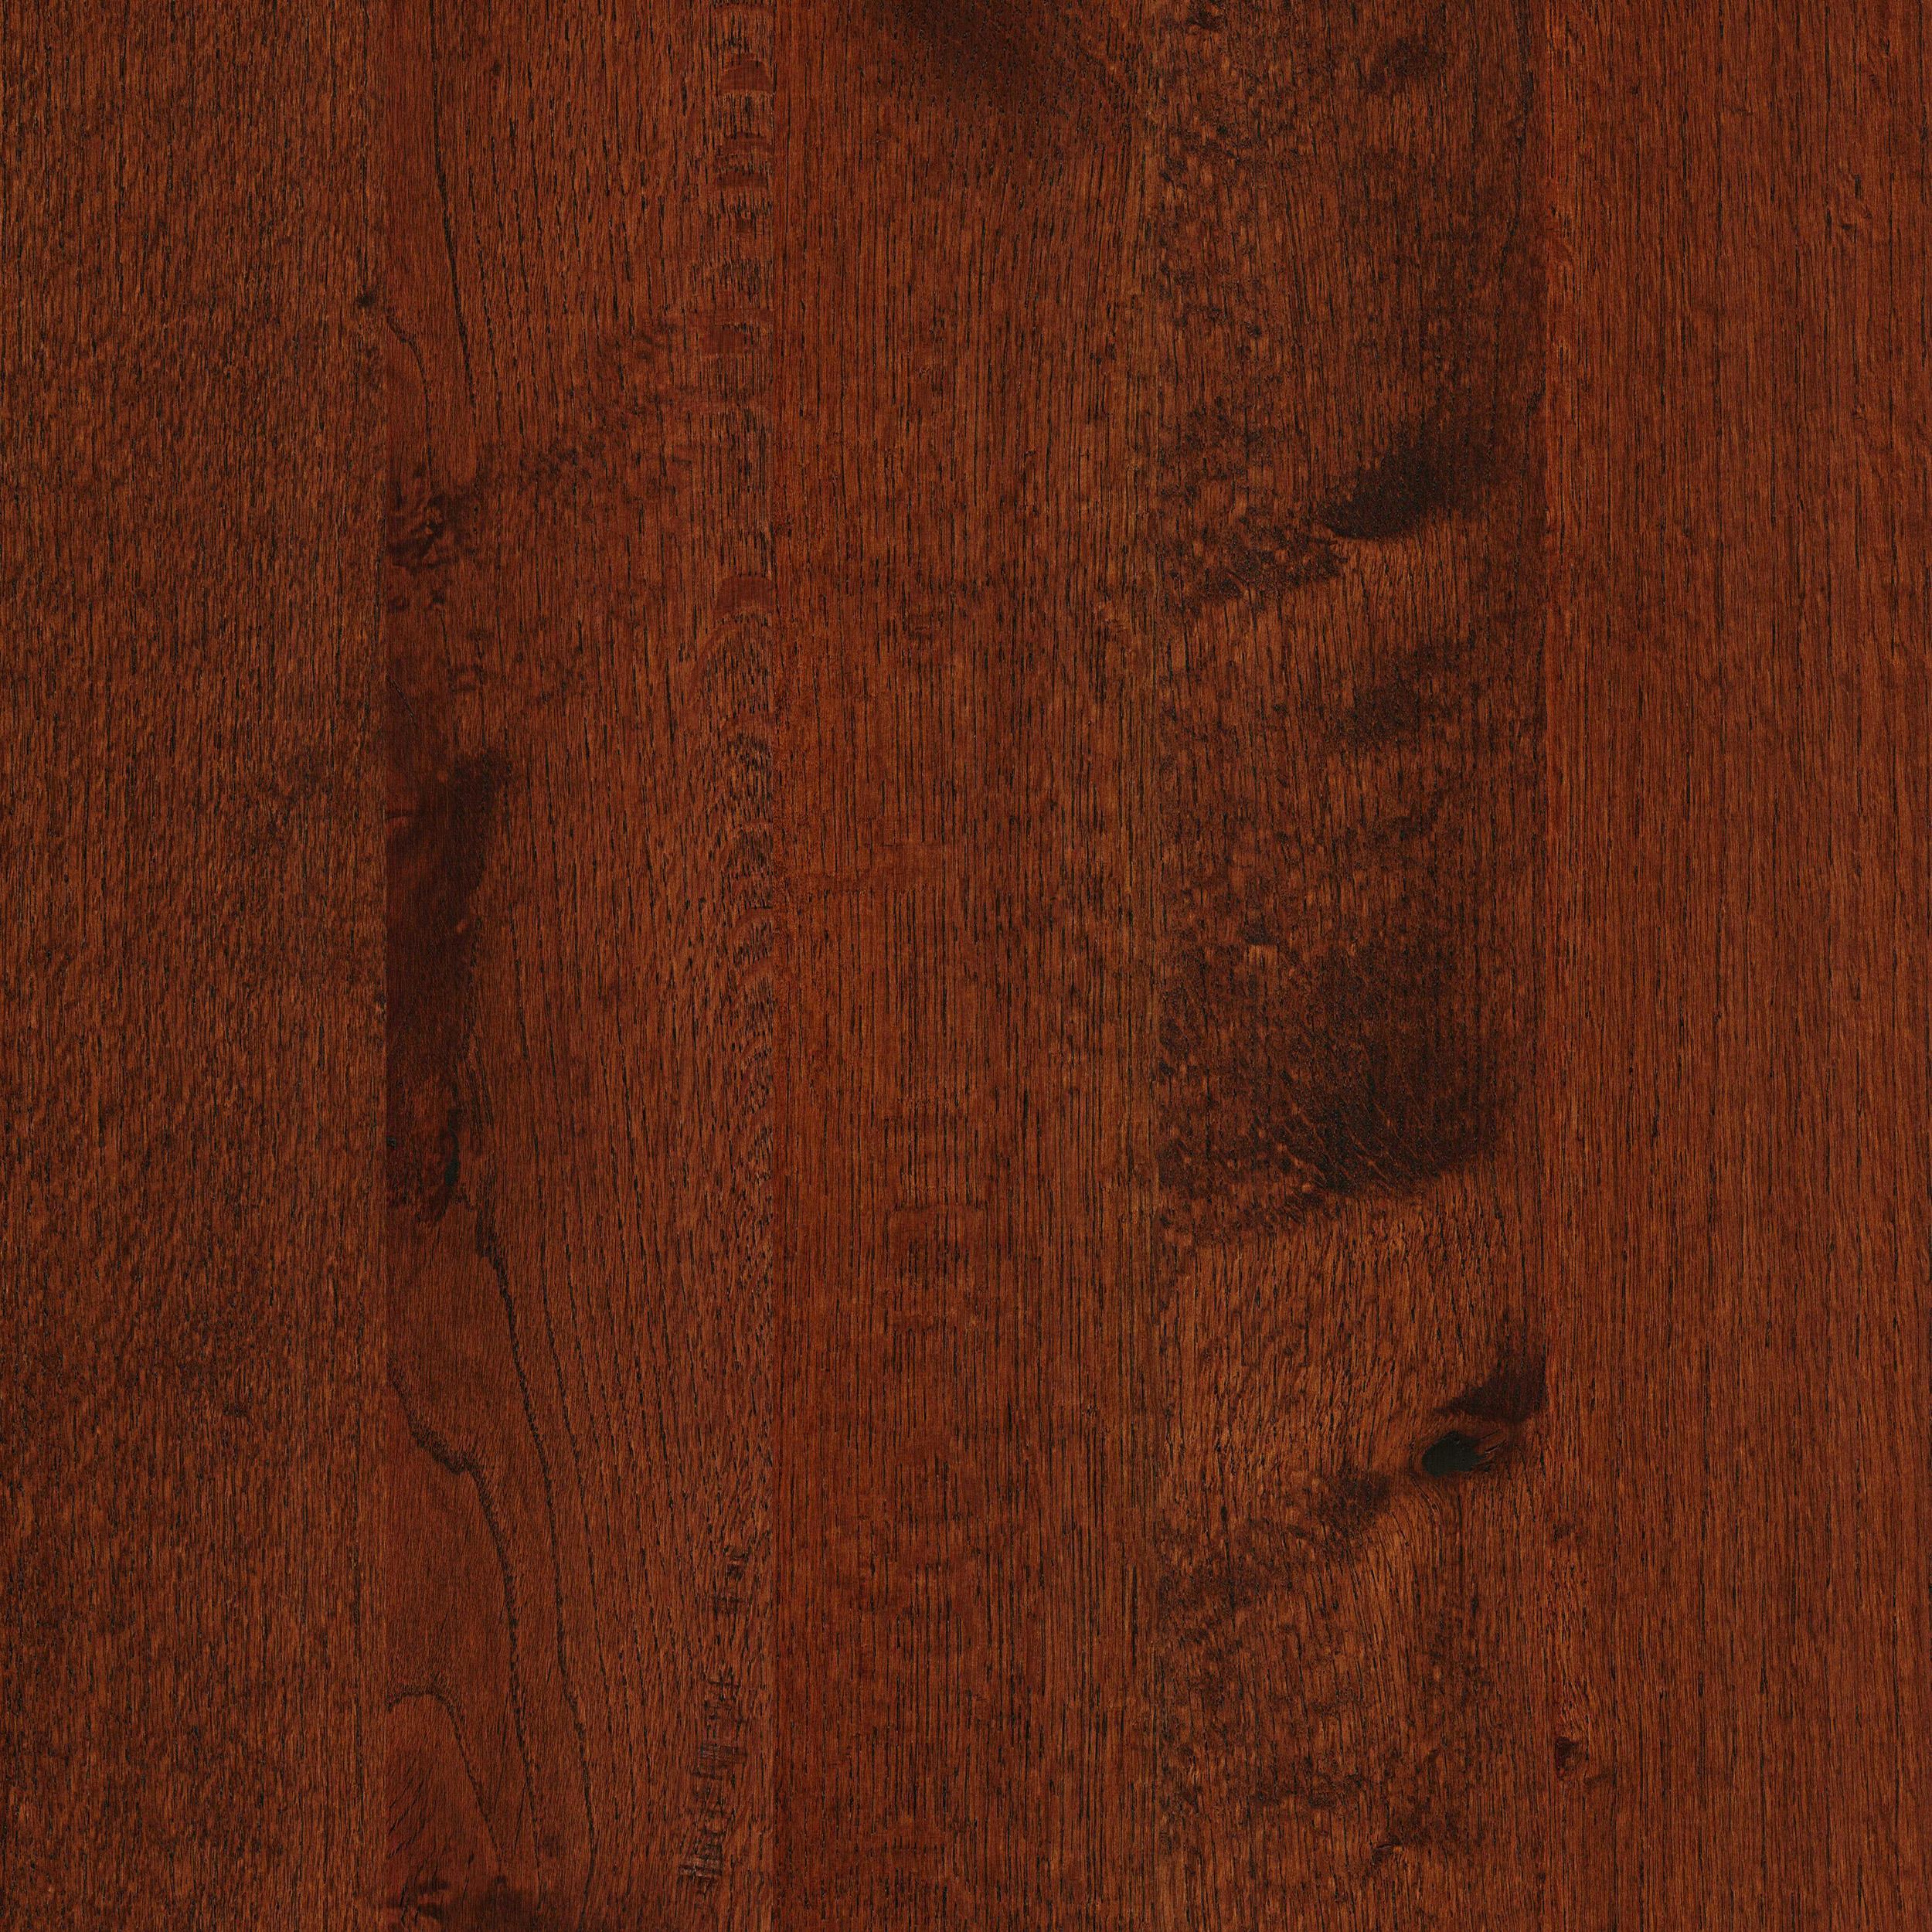 unfinished red oak hardwood flooring prices of timber hardwood red oak sorrell 5 wide solid hardwood flooring for red oak sorrell timber solid approved bk